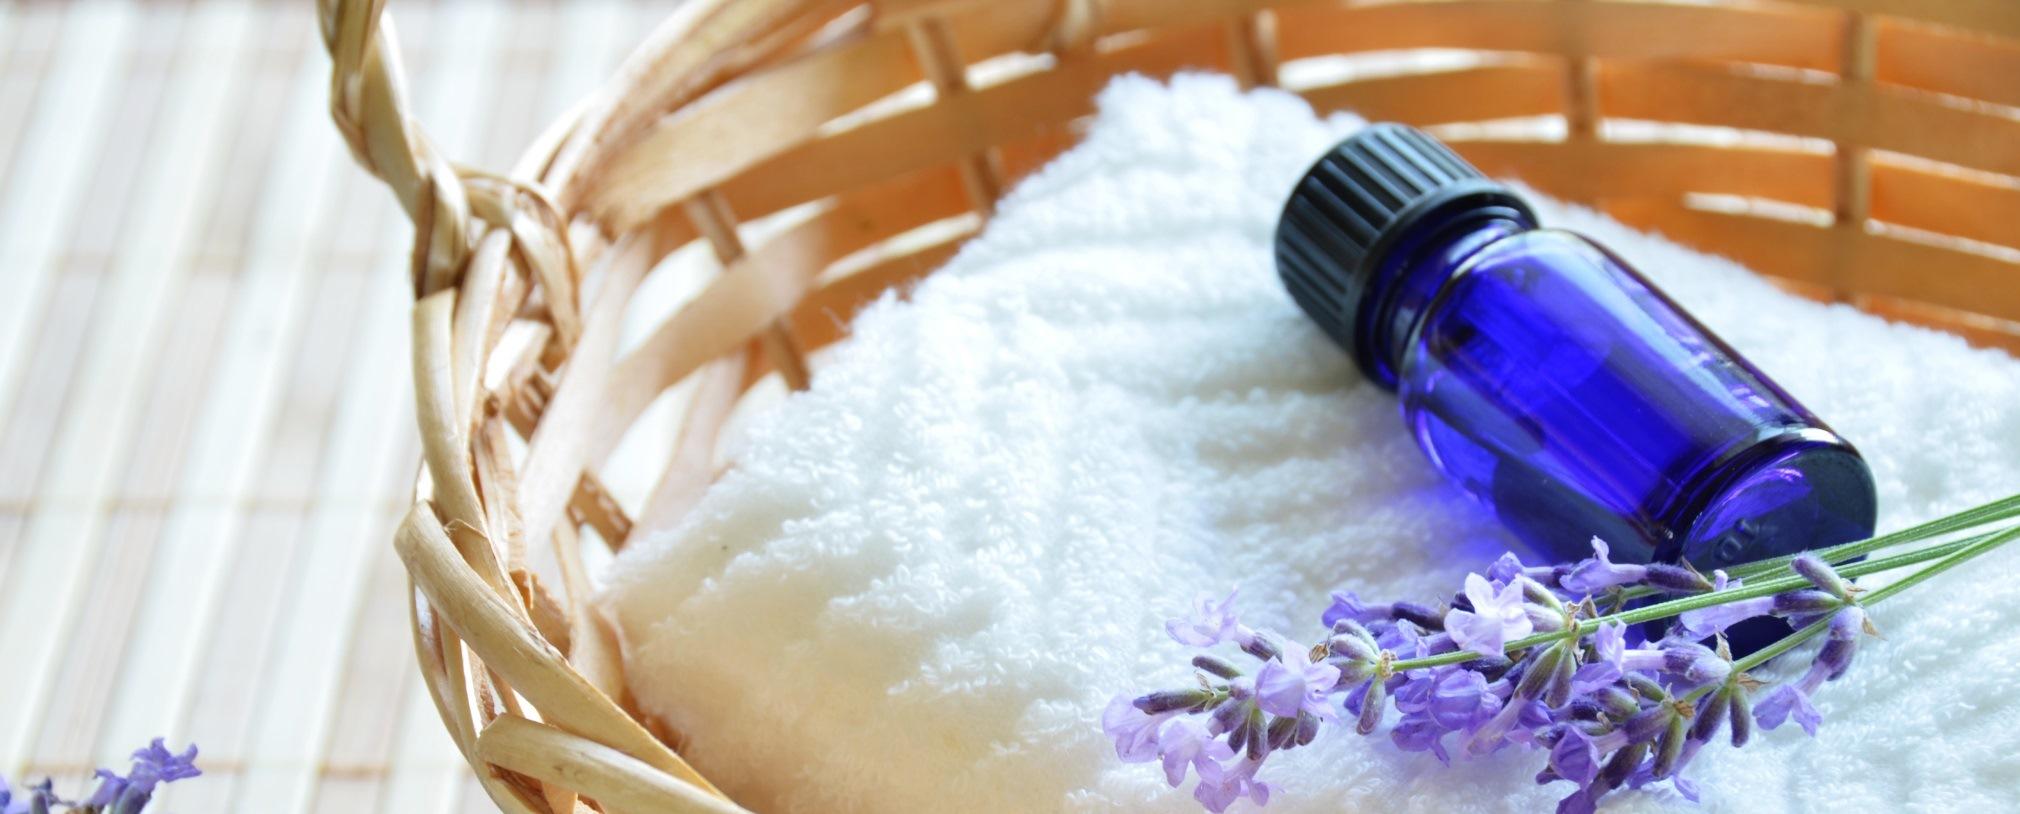 slider lavender in basket